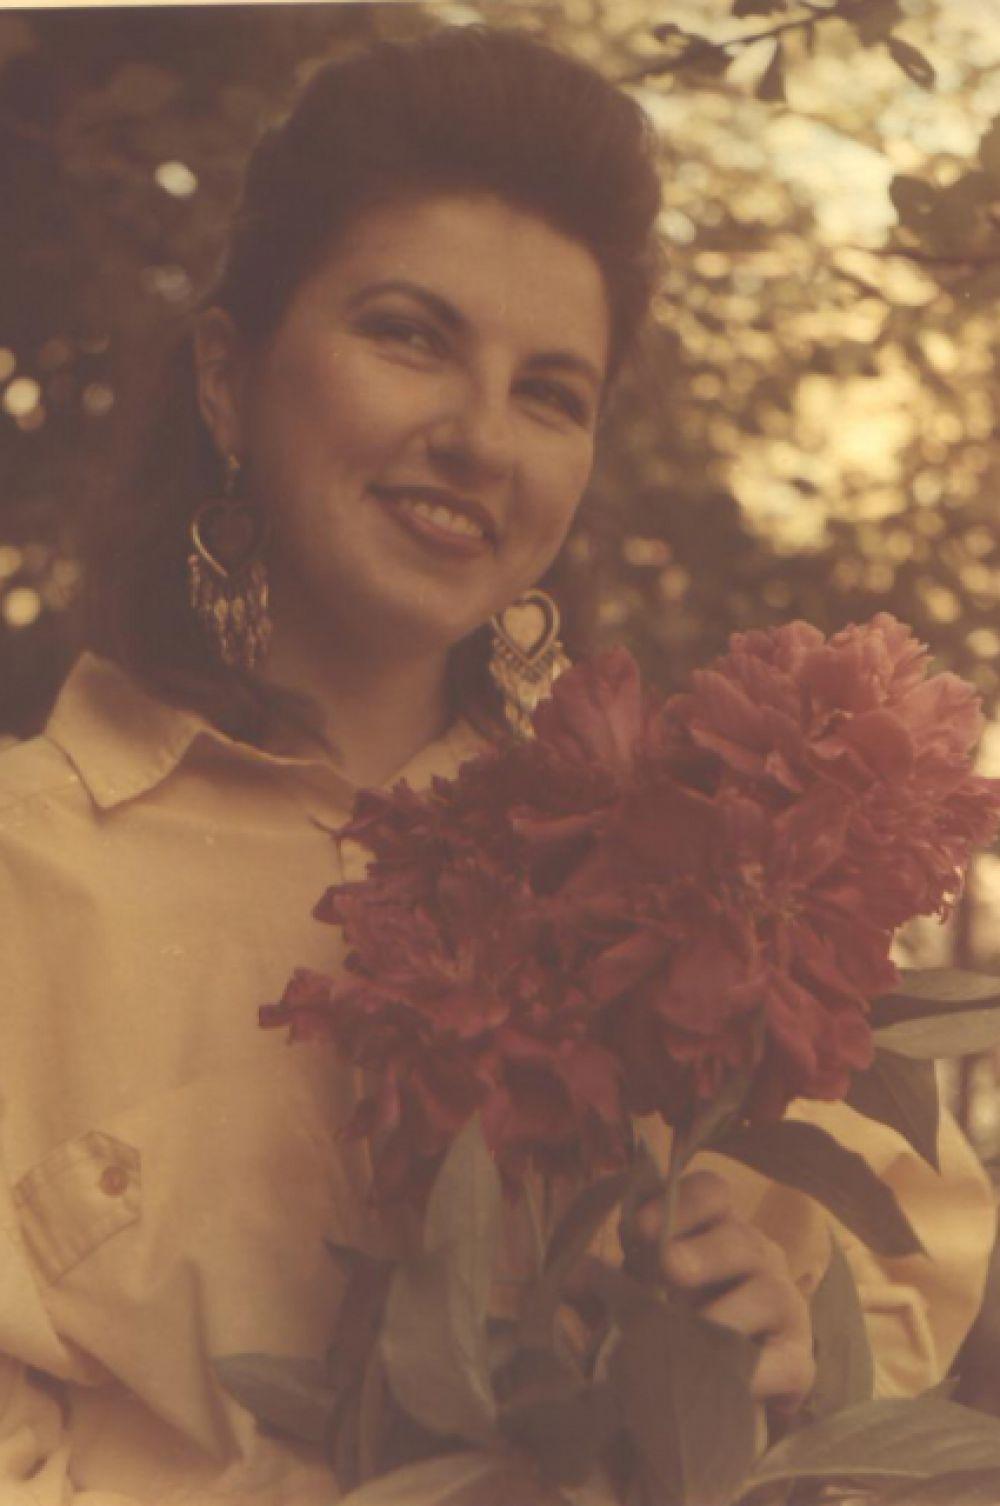 Фото Леонида Ильичева - 3 место от  Тupperware  в конкурсе «Мгновения счастья».